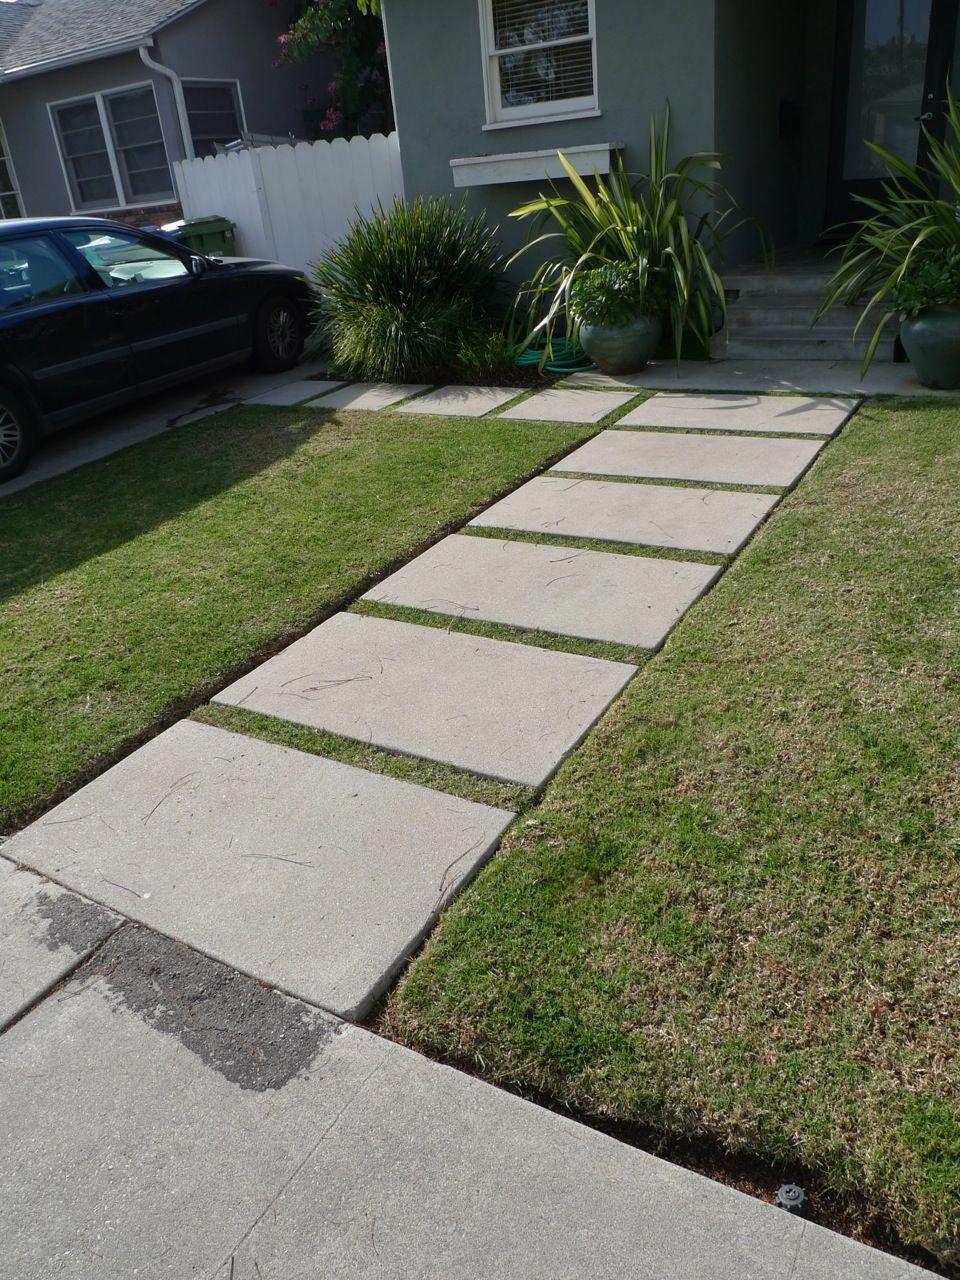 Landscape Gardening Jobs Near Me Landscape Gardening ... on Backyard Landscape Designers Near Me id=91184